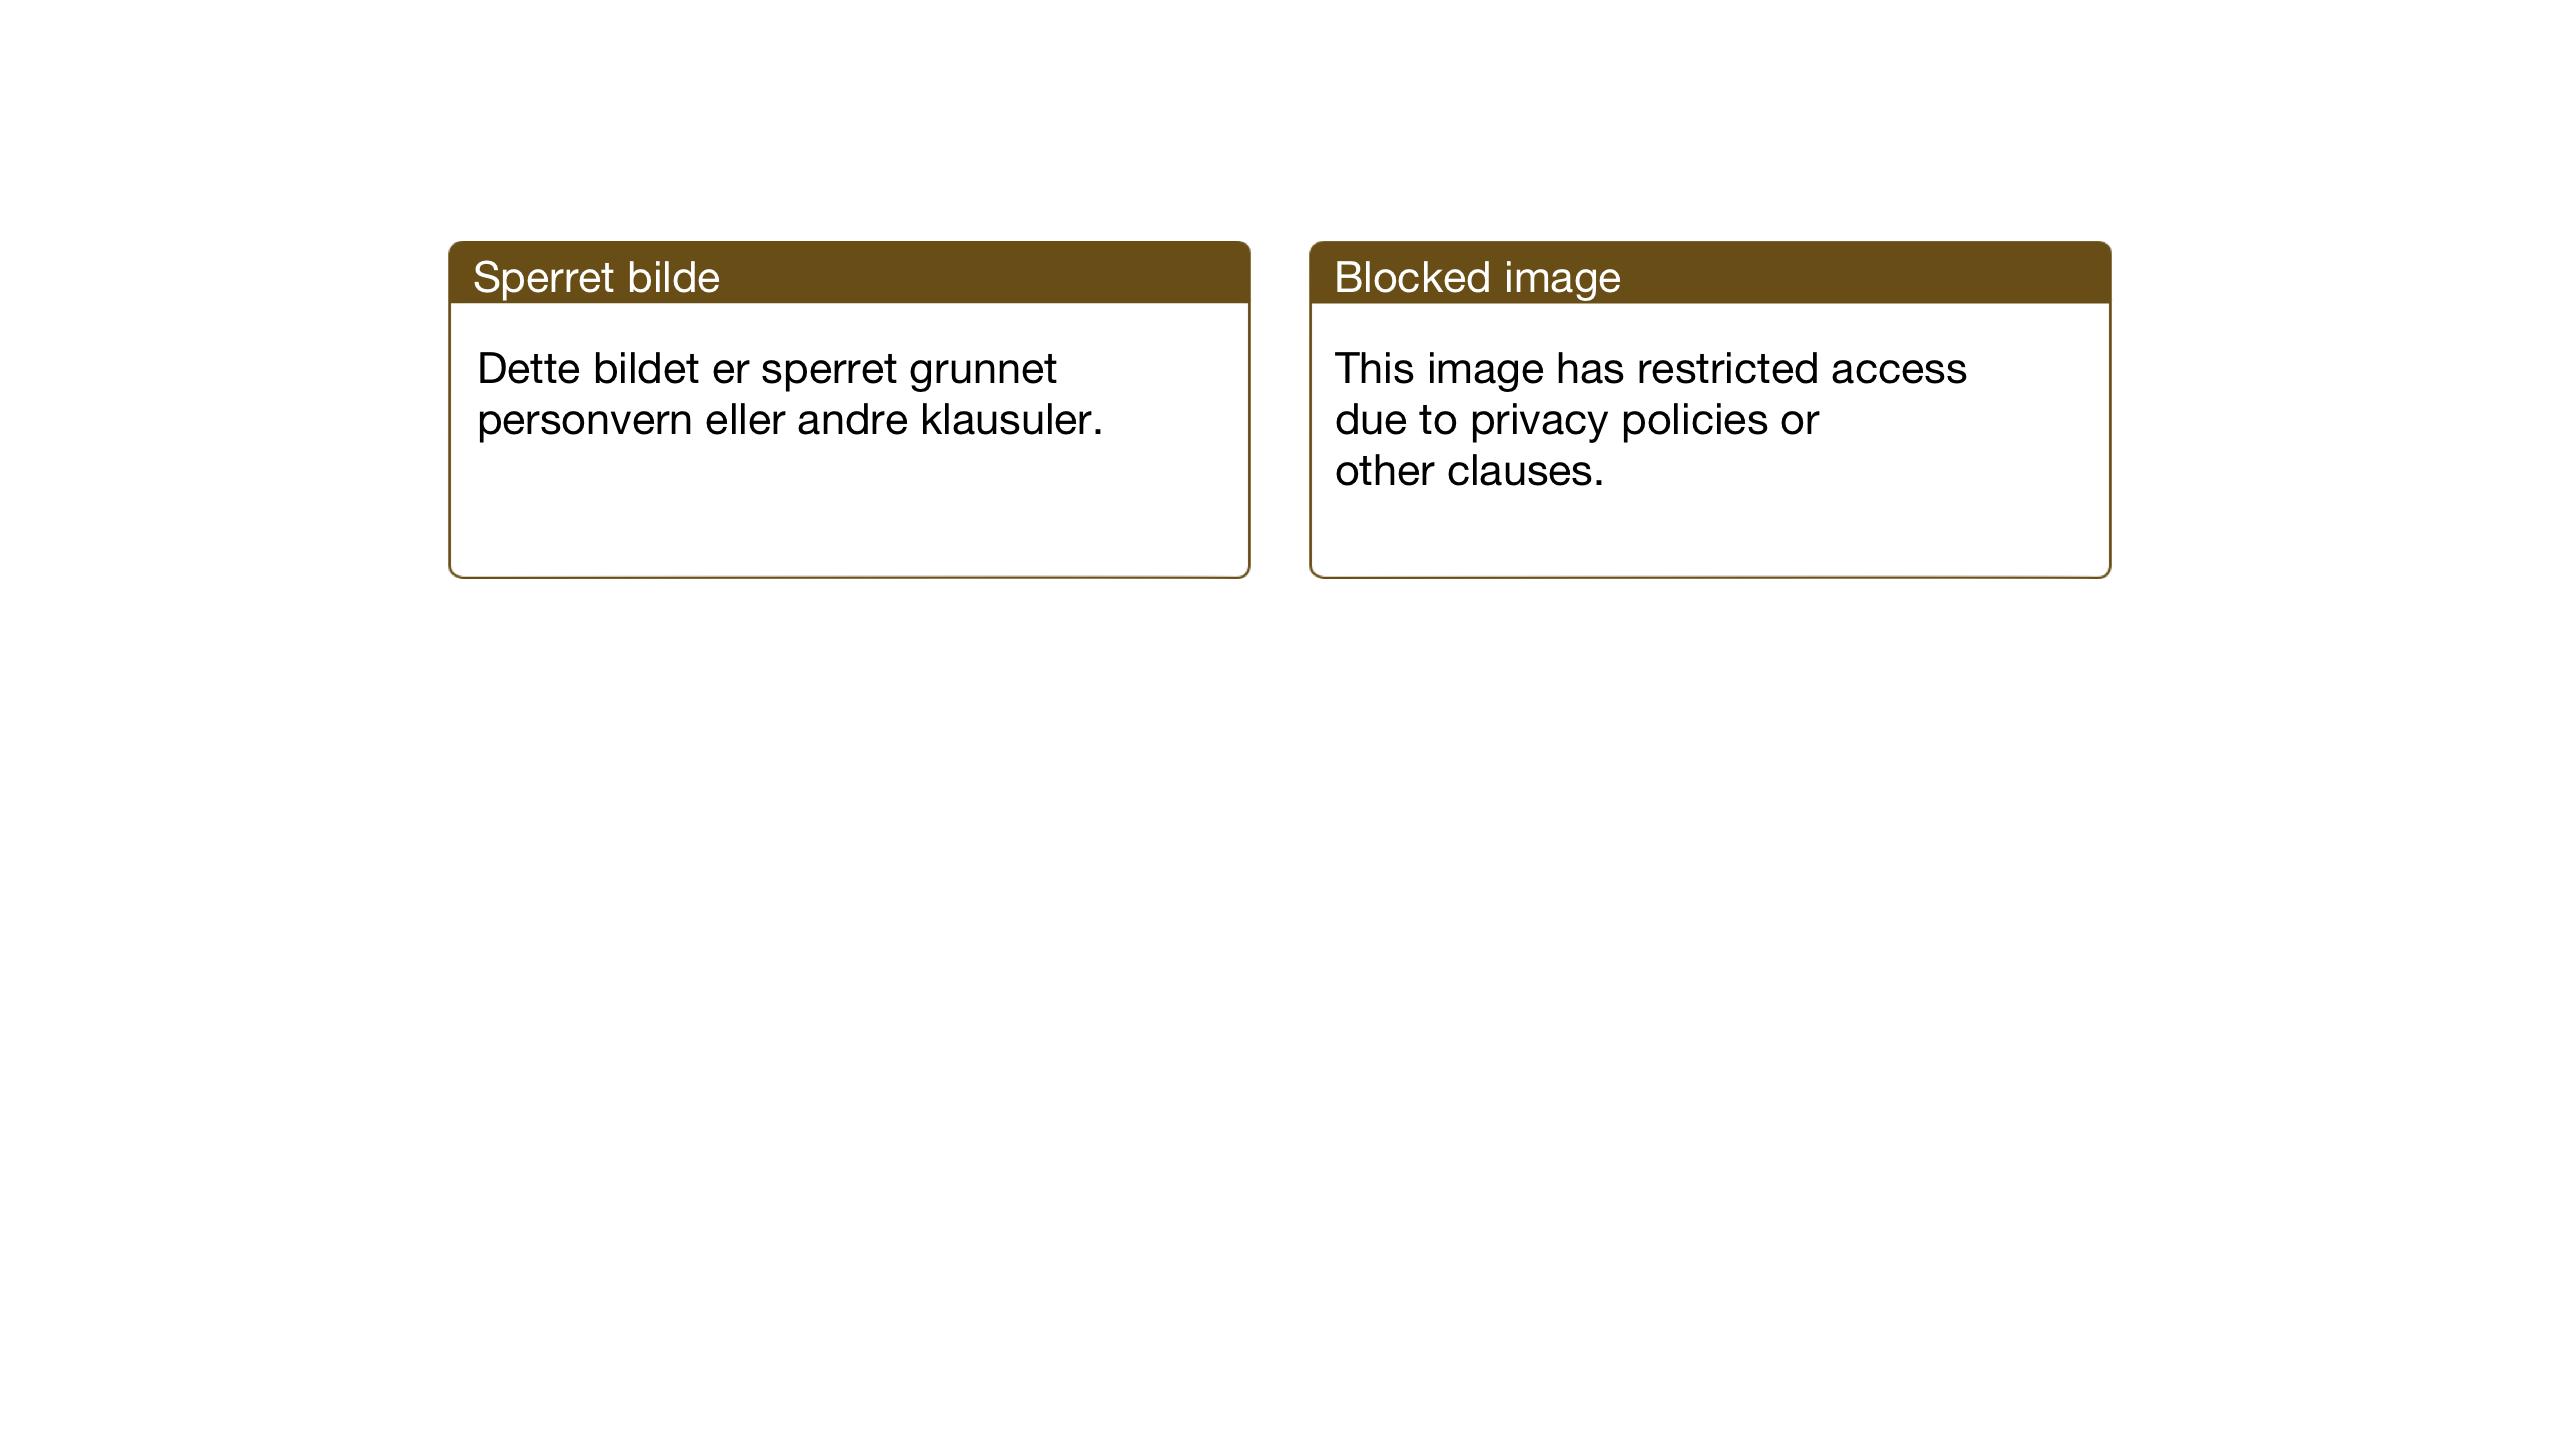 SAT, Ministerialprotokoller, klokkerbøker og fødselsregistre - Nord-Trøndelag, 755/L0500: Klokkerbok nr. 755C01, 1920-1962, s. 44